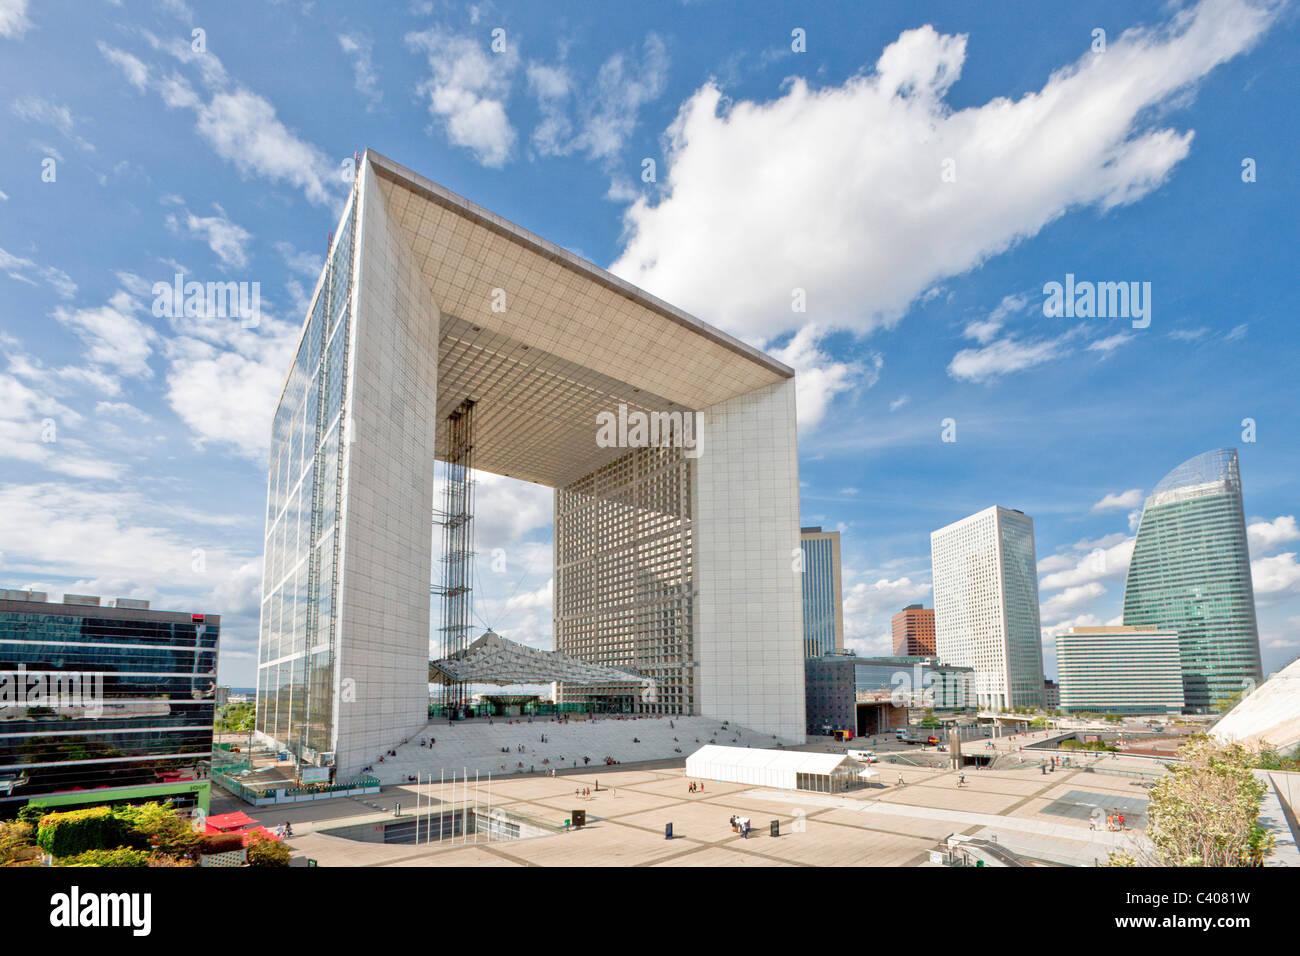 France, Europe, Paris, La Defense, Grande  Arche, triumphal curve, blocks of flats, high-rise buildings, place, Stock Photo